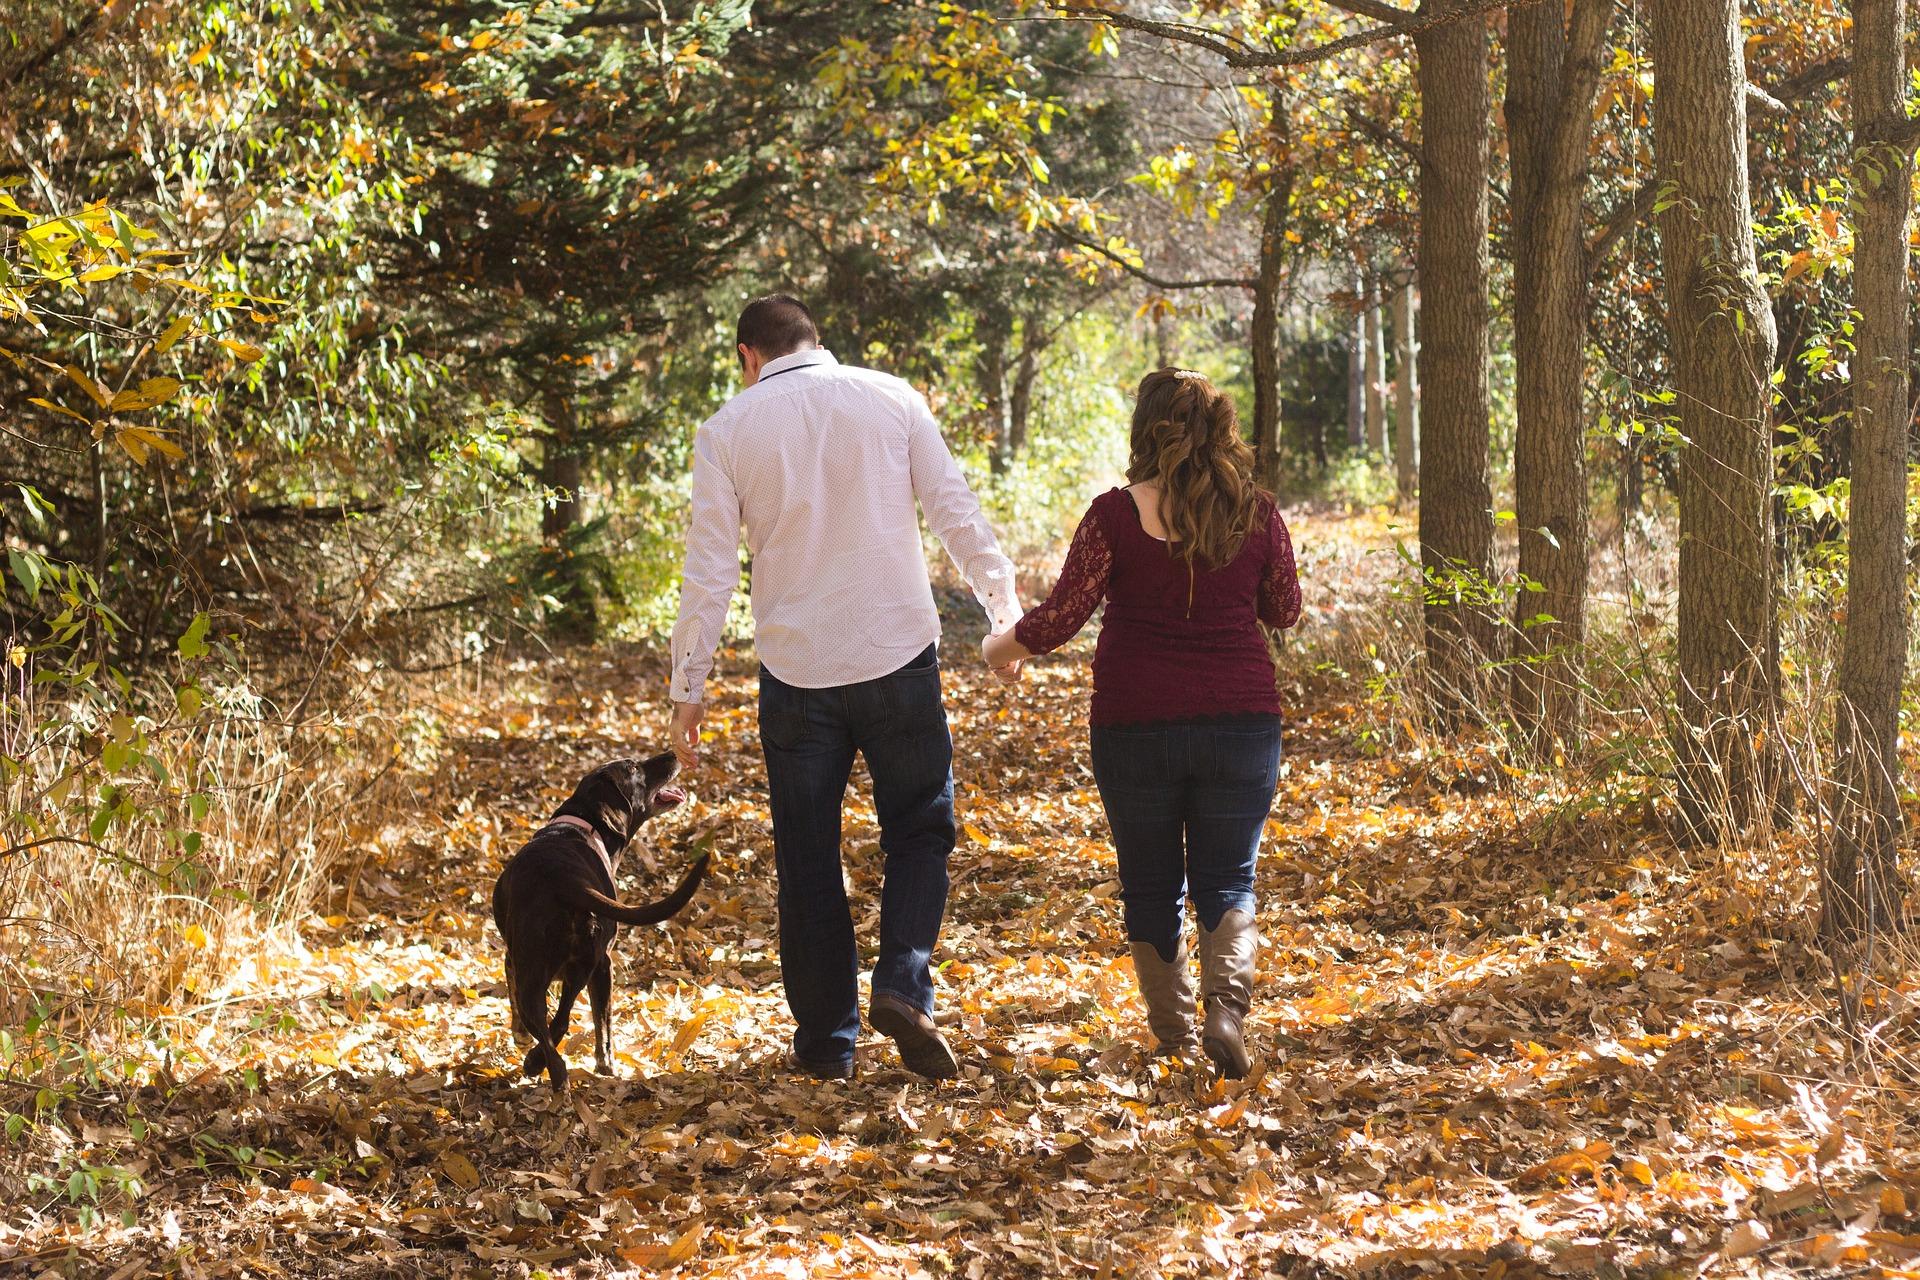 Noi e il cane, una coppia che può diventare famiglia